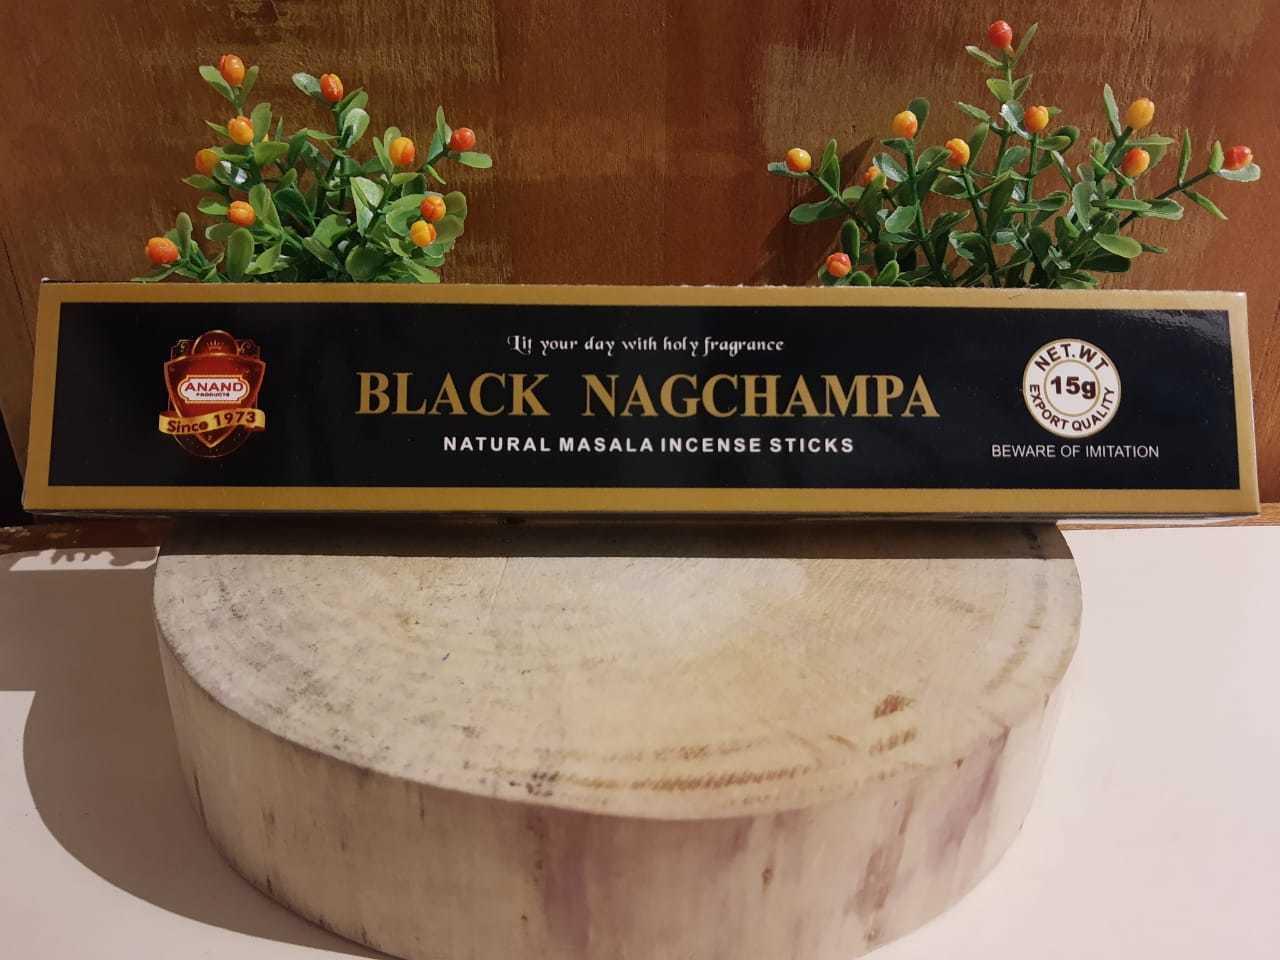 Incenso Black Nag Champa - Satya Indiano,  100% massala